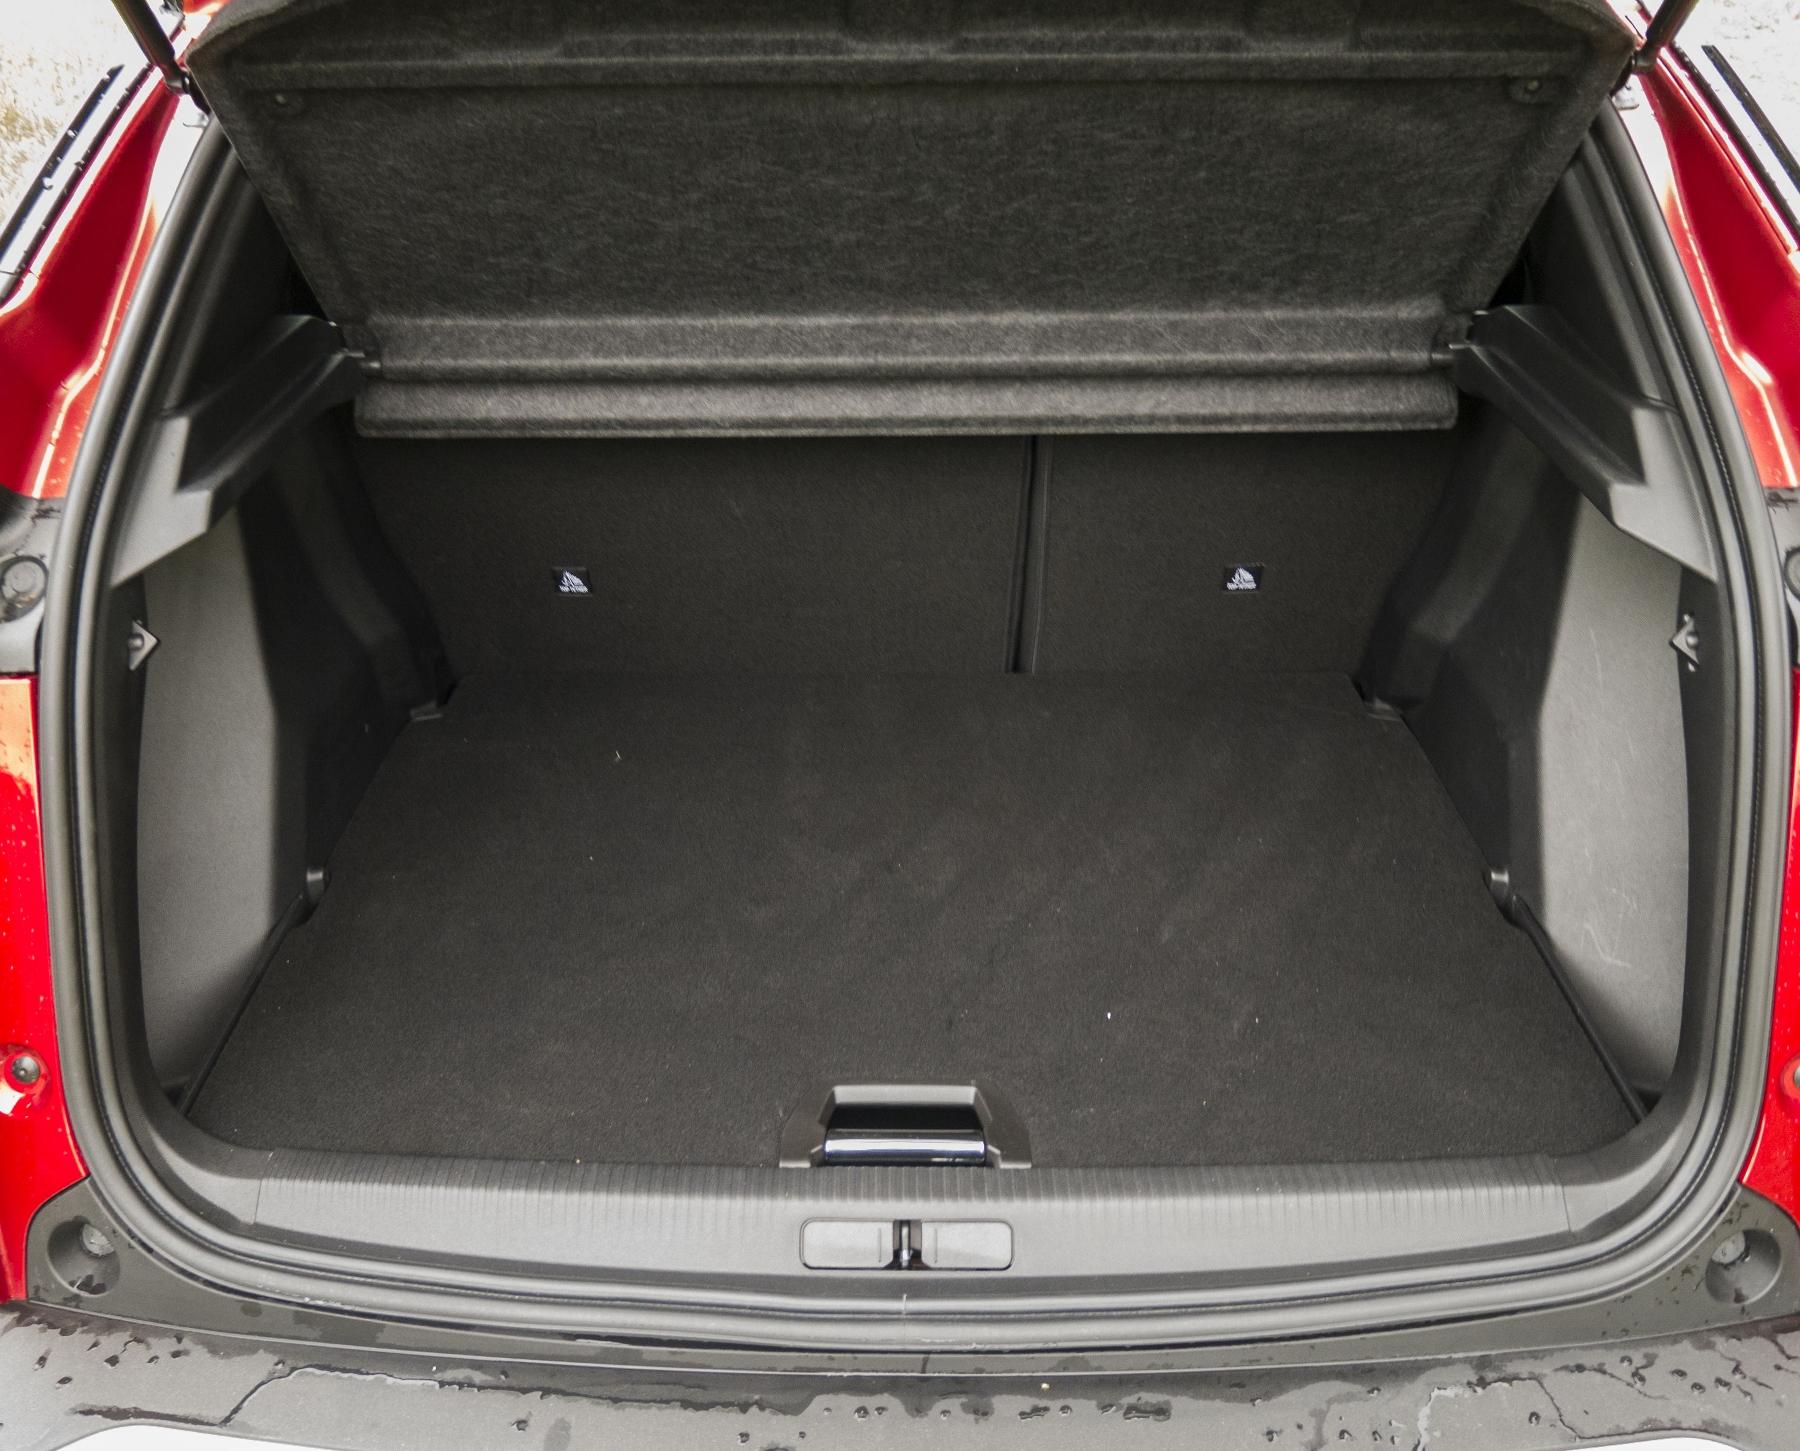 Test: Peugeot 2008 GT ohuruje silným trojvalcom a dobrou prevodovkou XCl0sFAn6G peugeot-2008-41